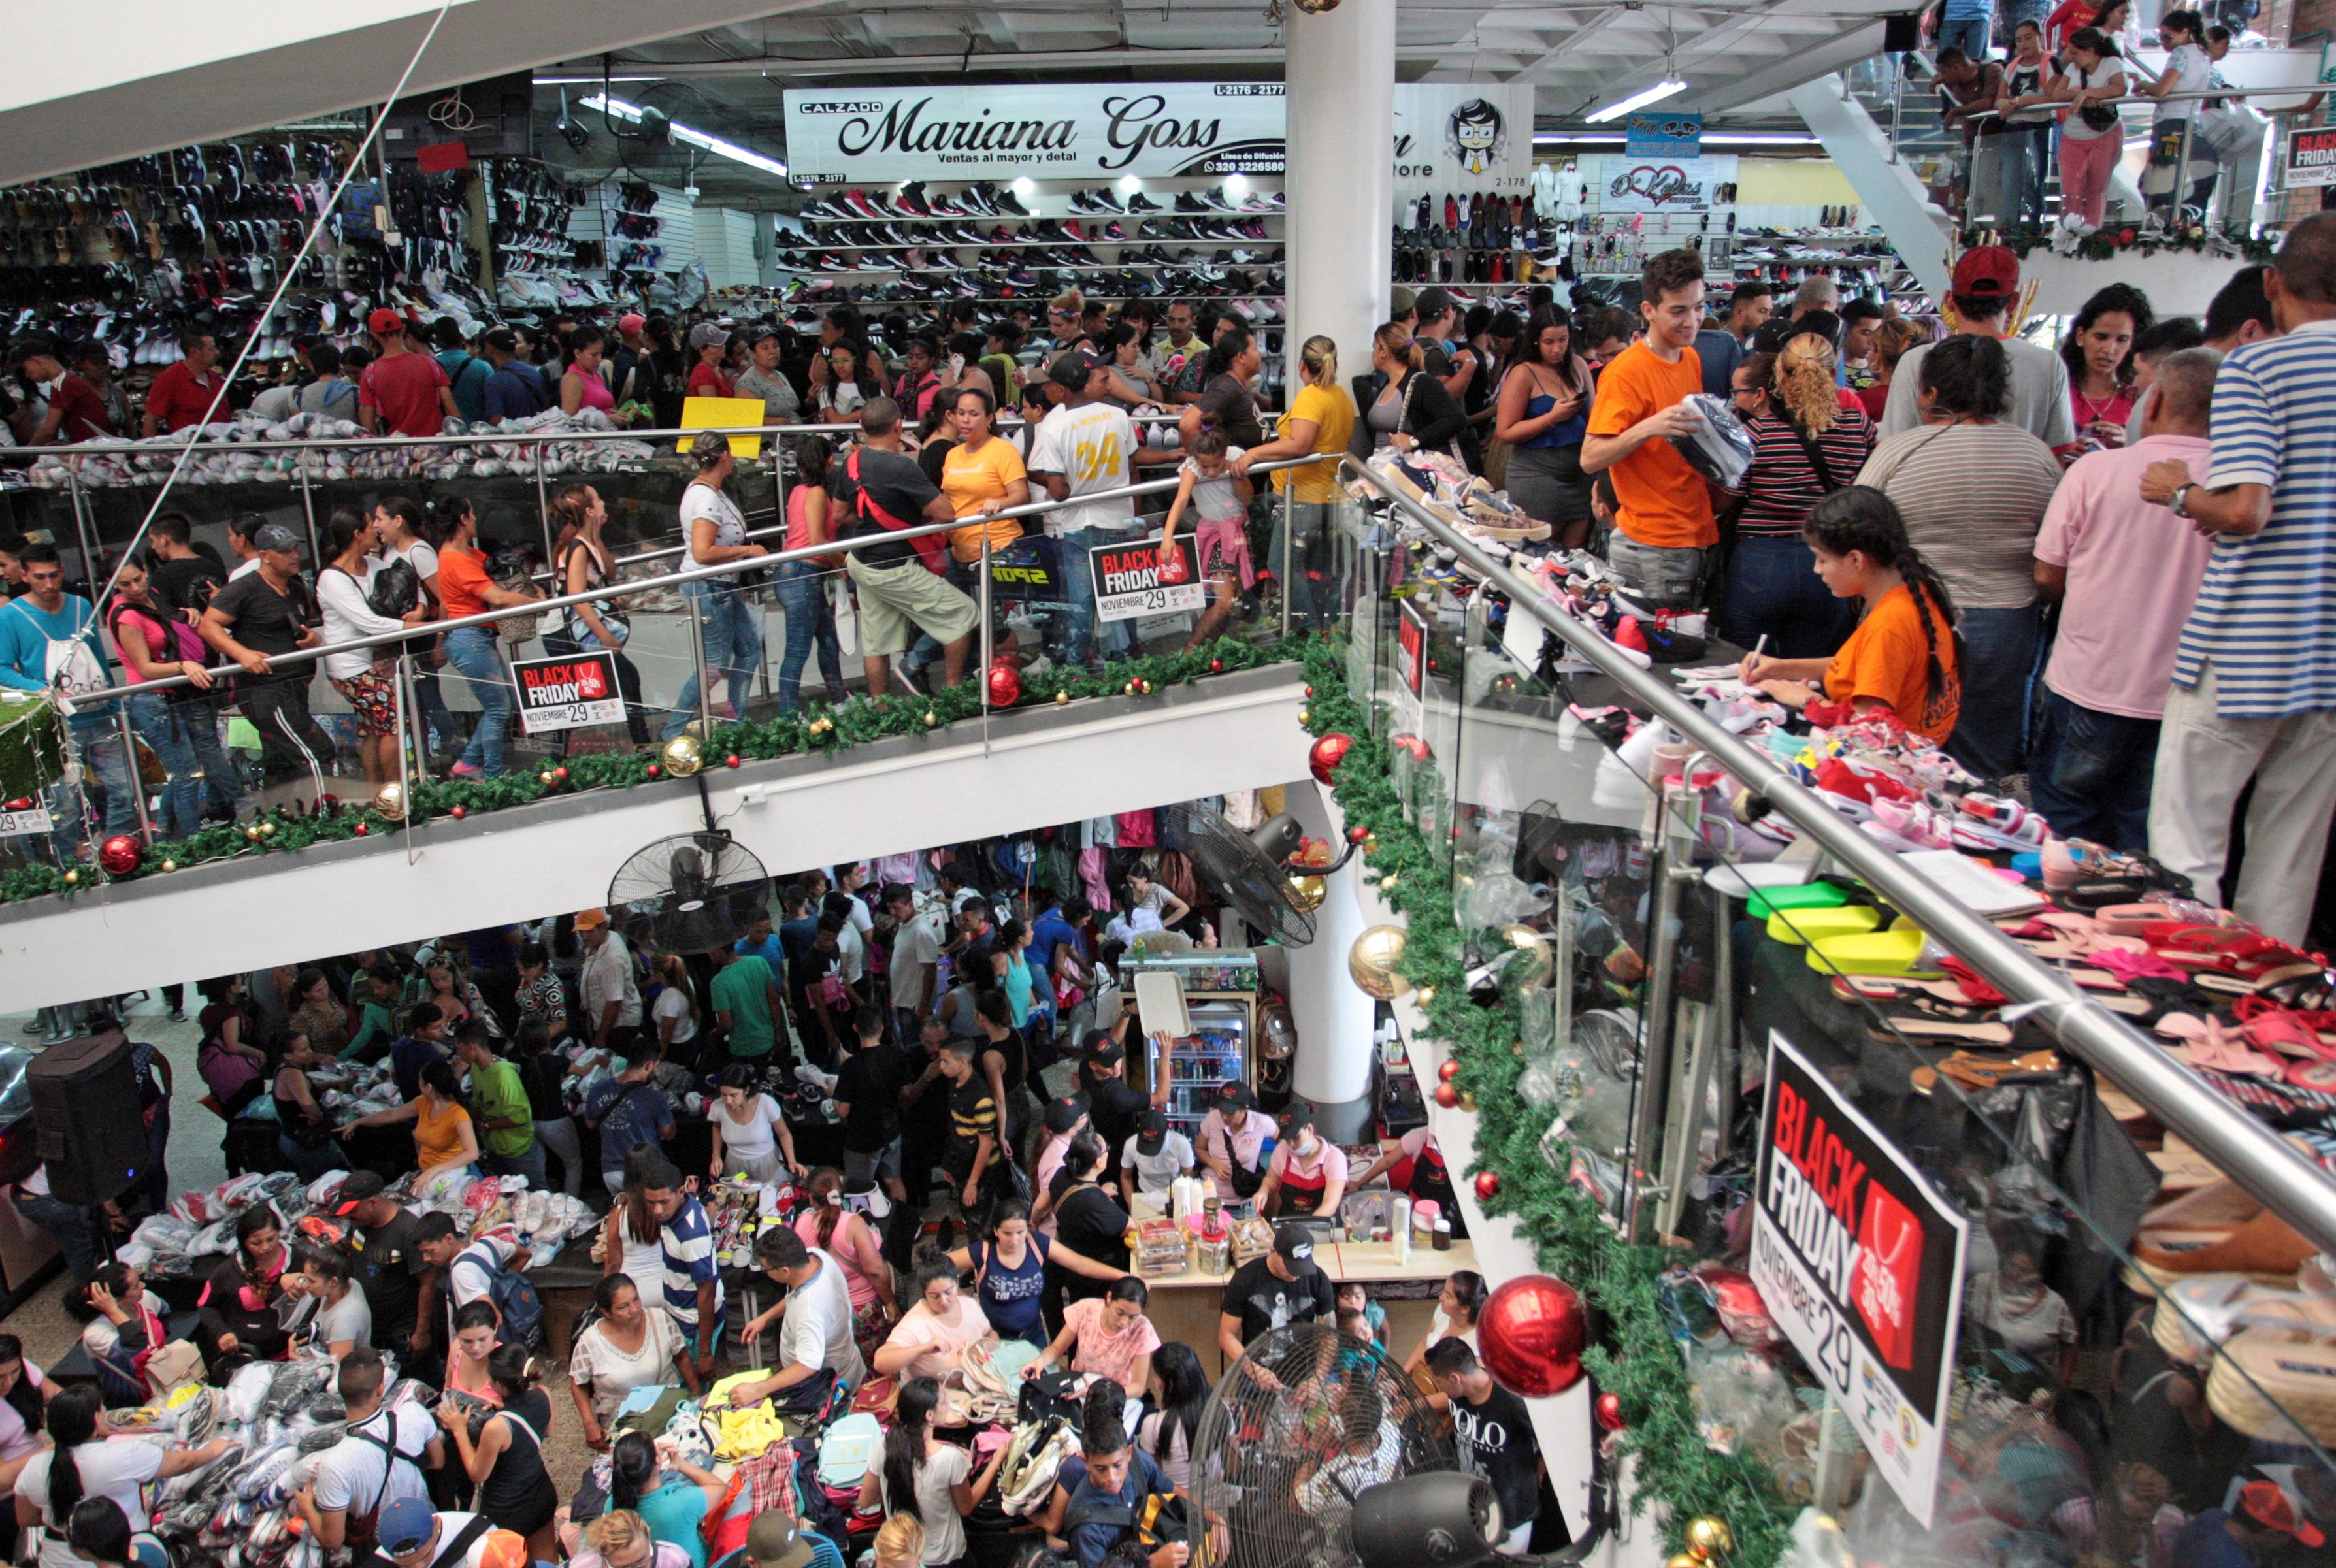 في كوكوتا بكولومبيا اكتظ هذا المتجر بمئات المتسوقين الذين يريدون الحصول على أفضل العروض في الجمعة السوداء